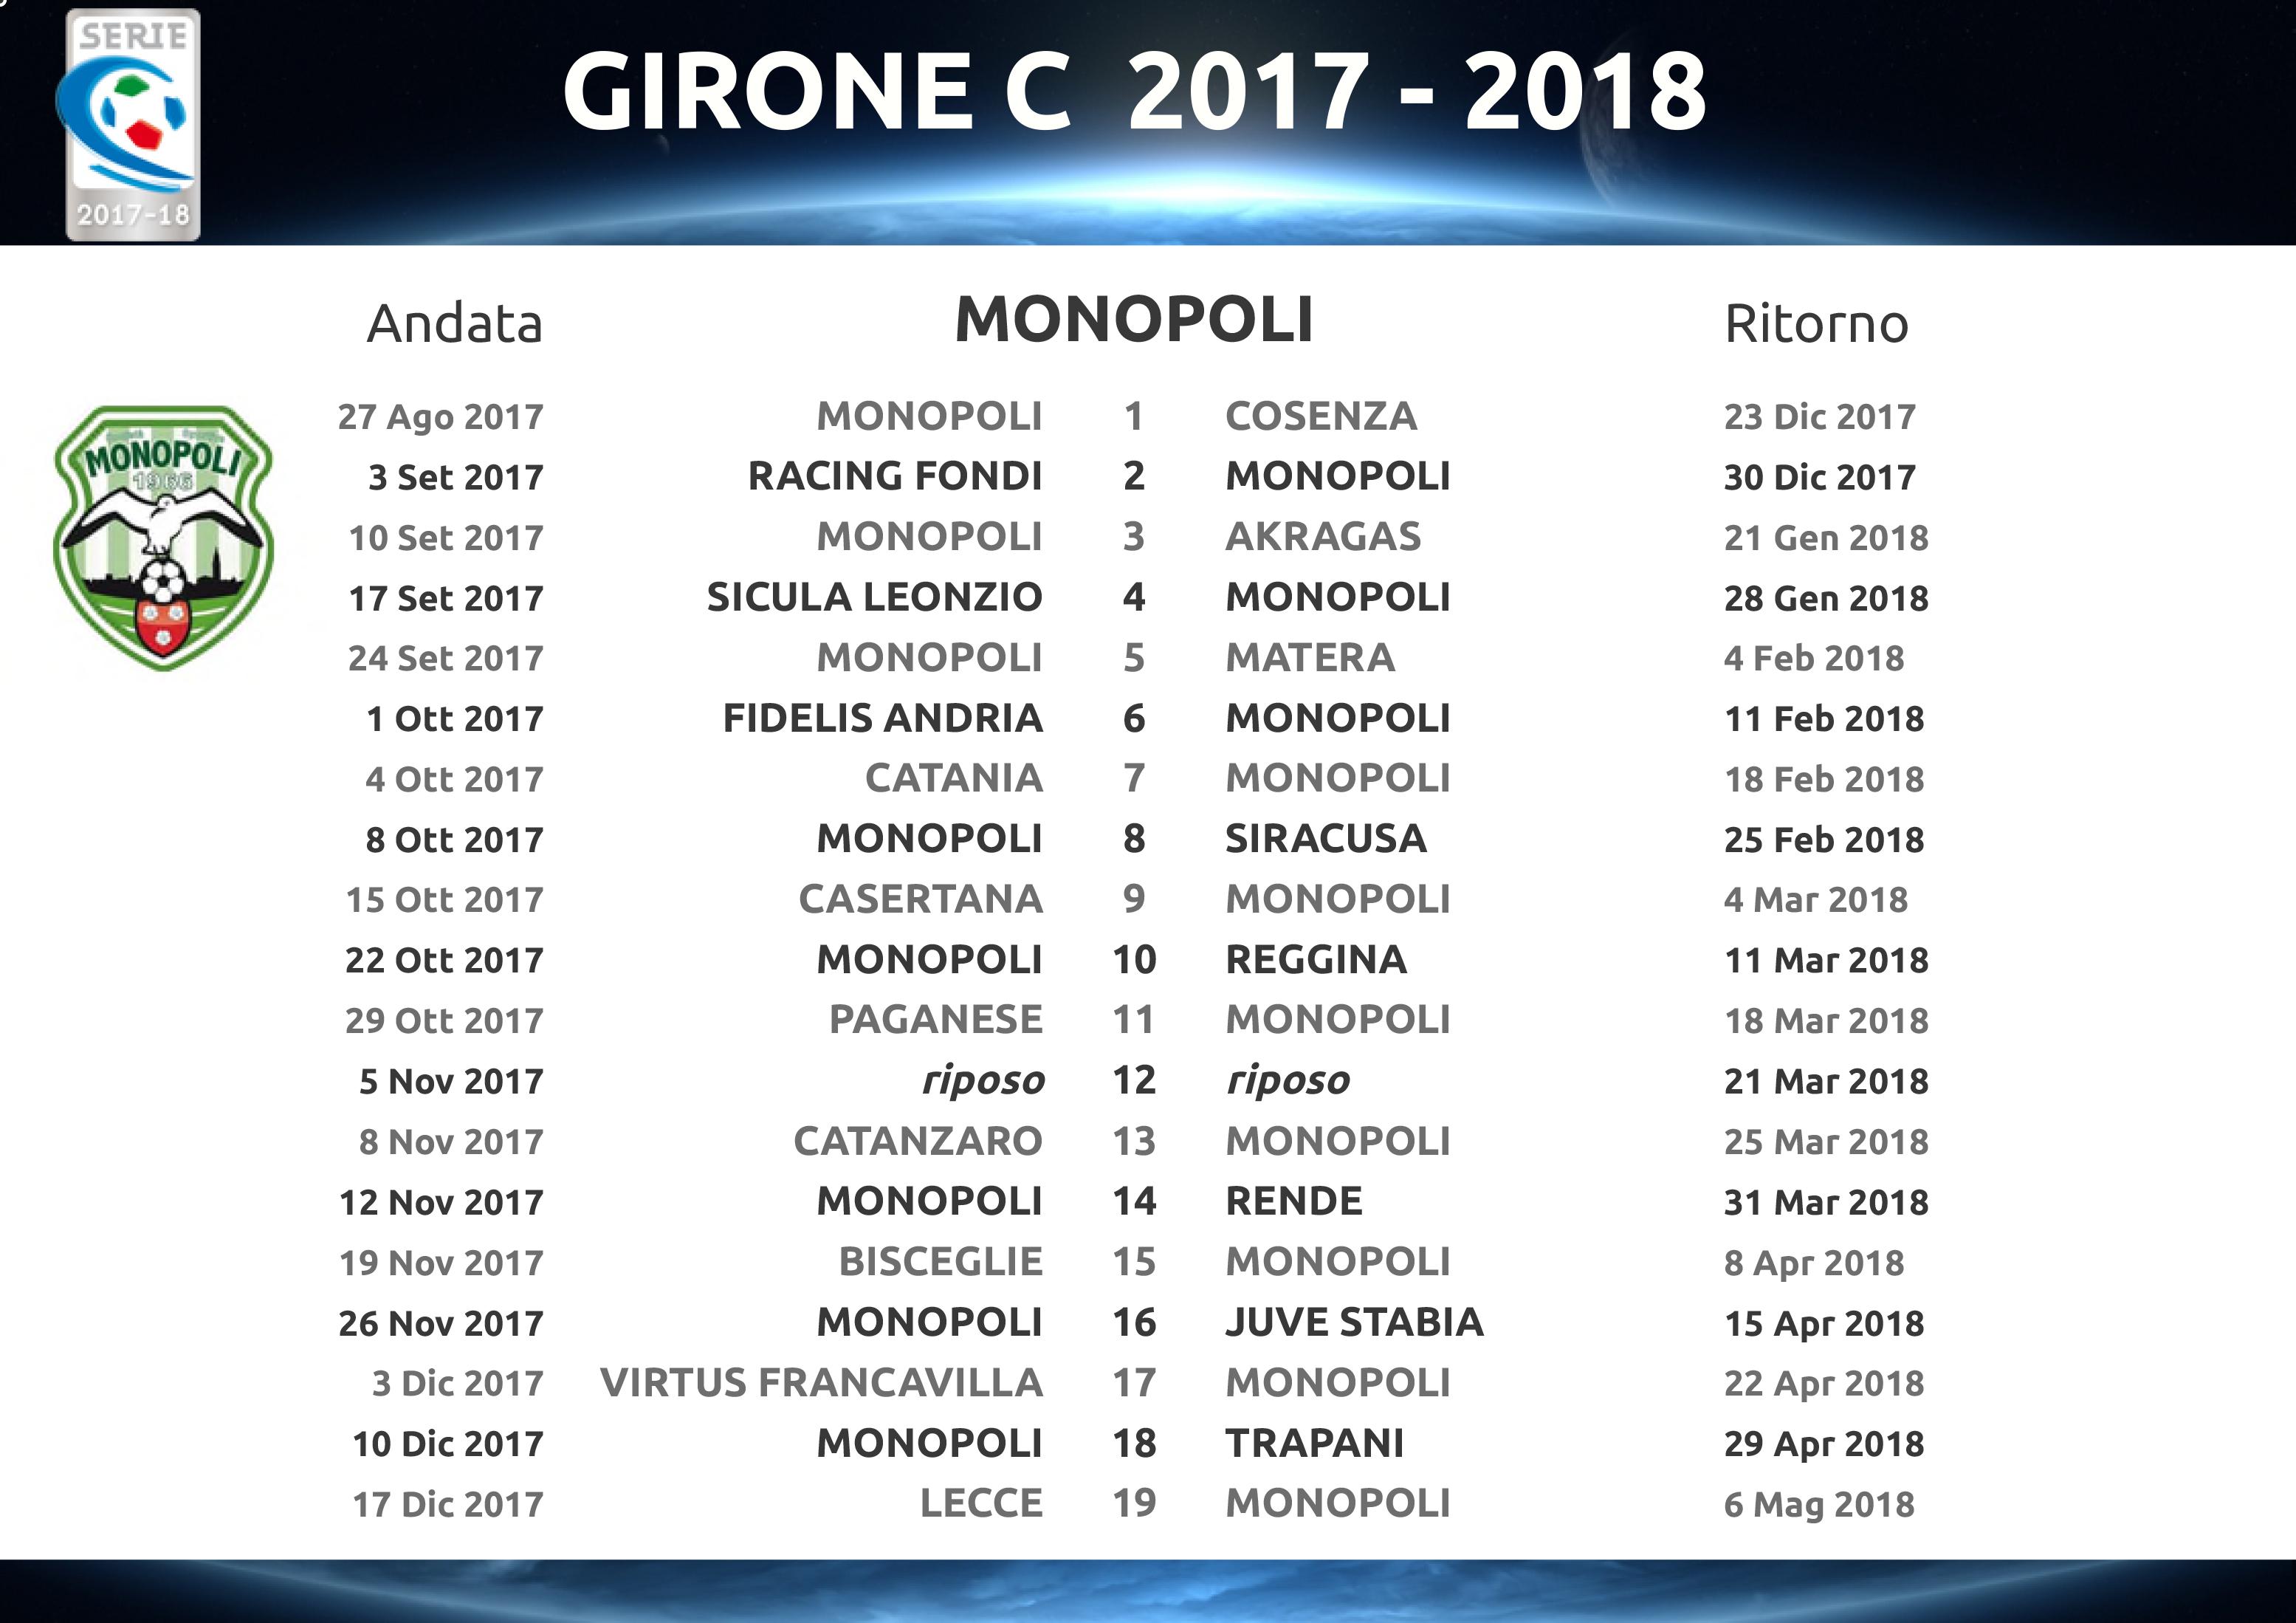 Calendario Serie C.Calendario Serie C 2017 2018 S S Monopoli 1966